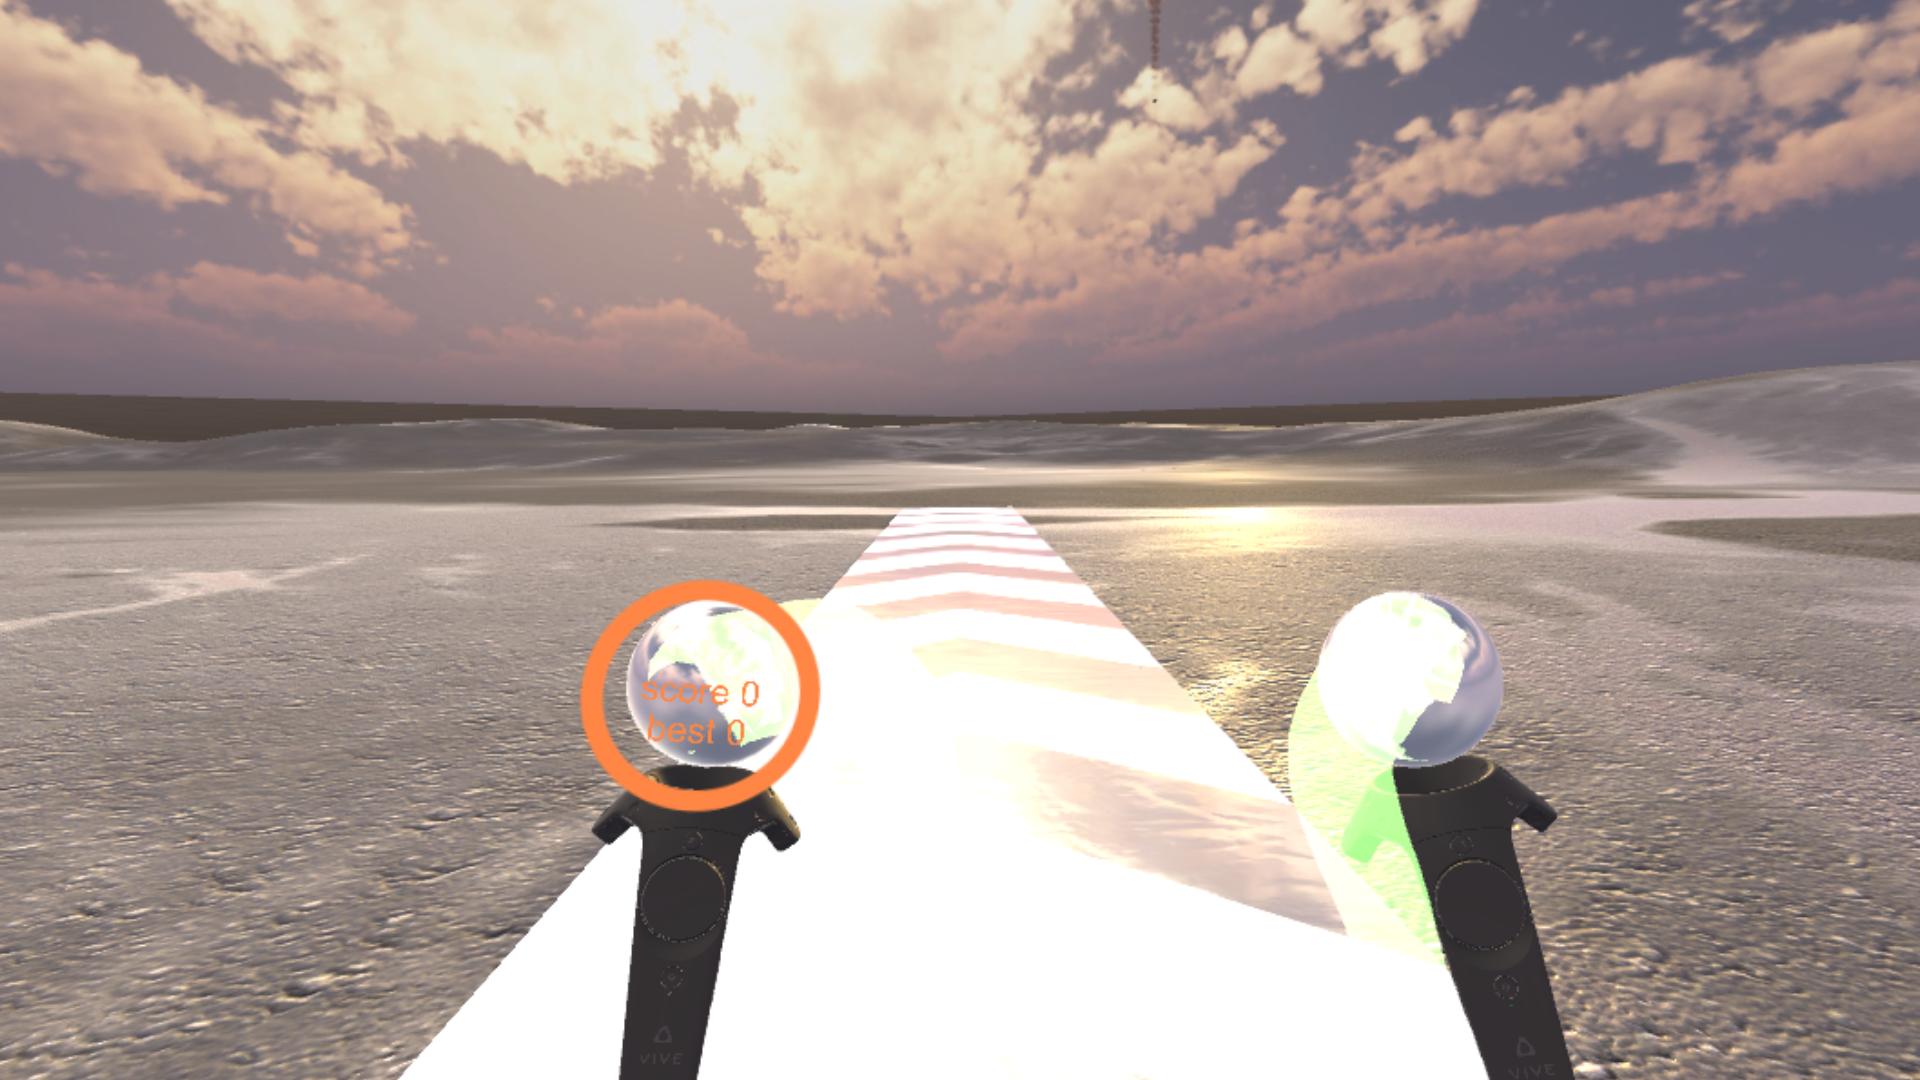 Hoverboards VR